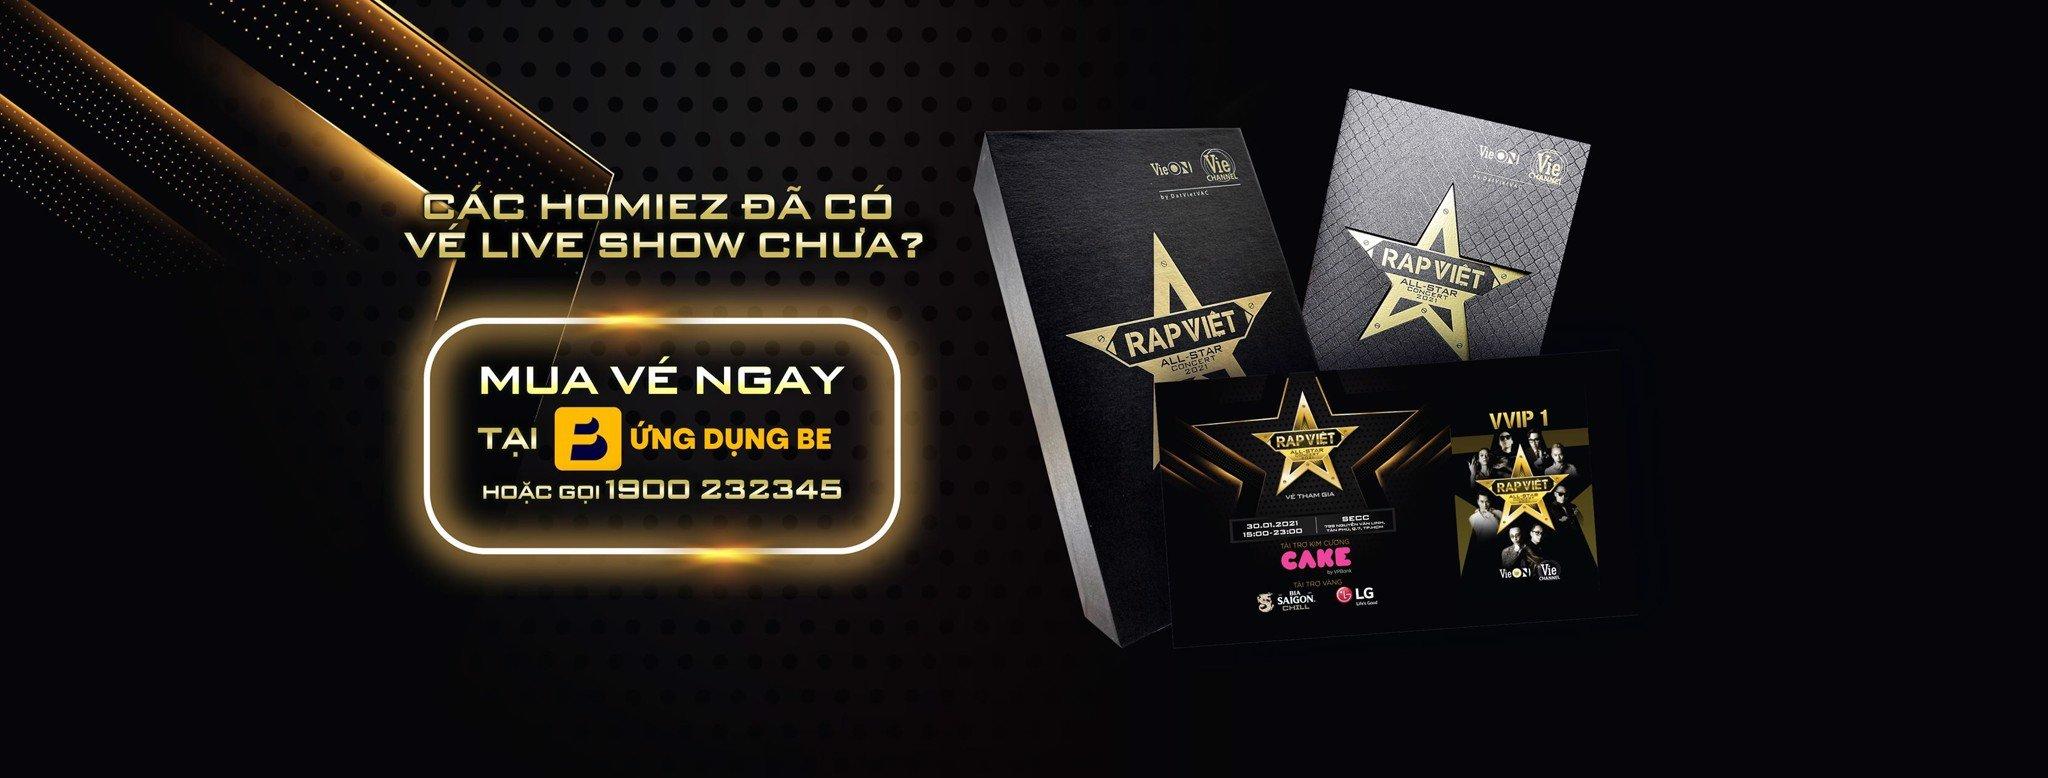 Vé Live Concert RAP VIỆT ALL-STAR 2021 được phân phối độc quyền trên ứng dụng BE